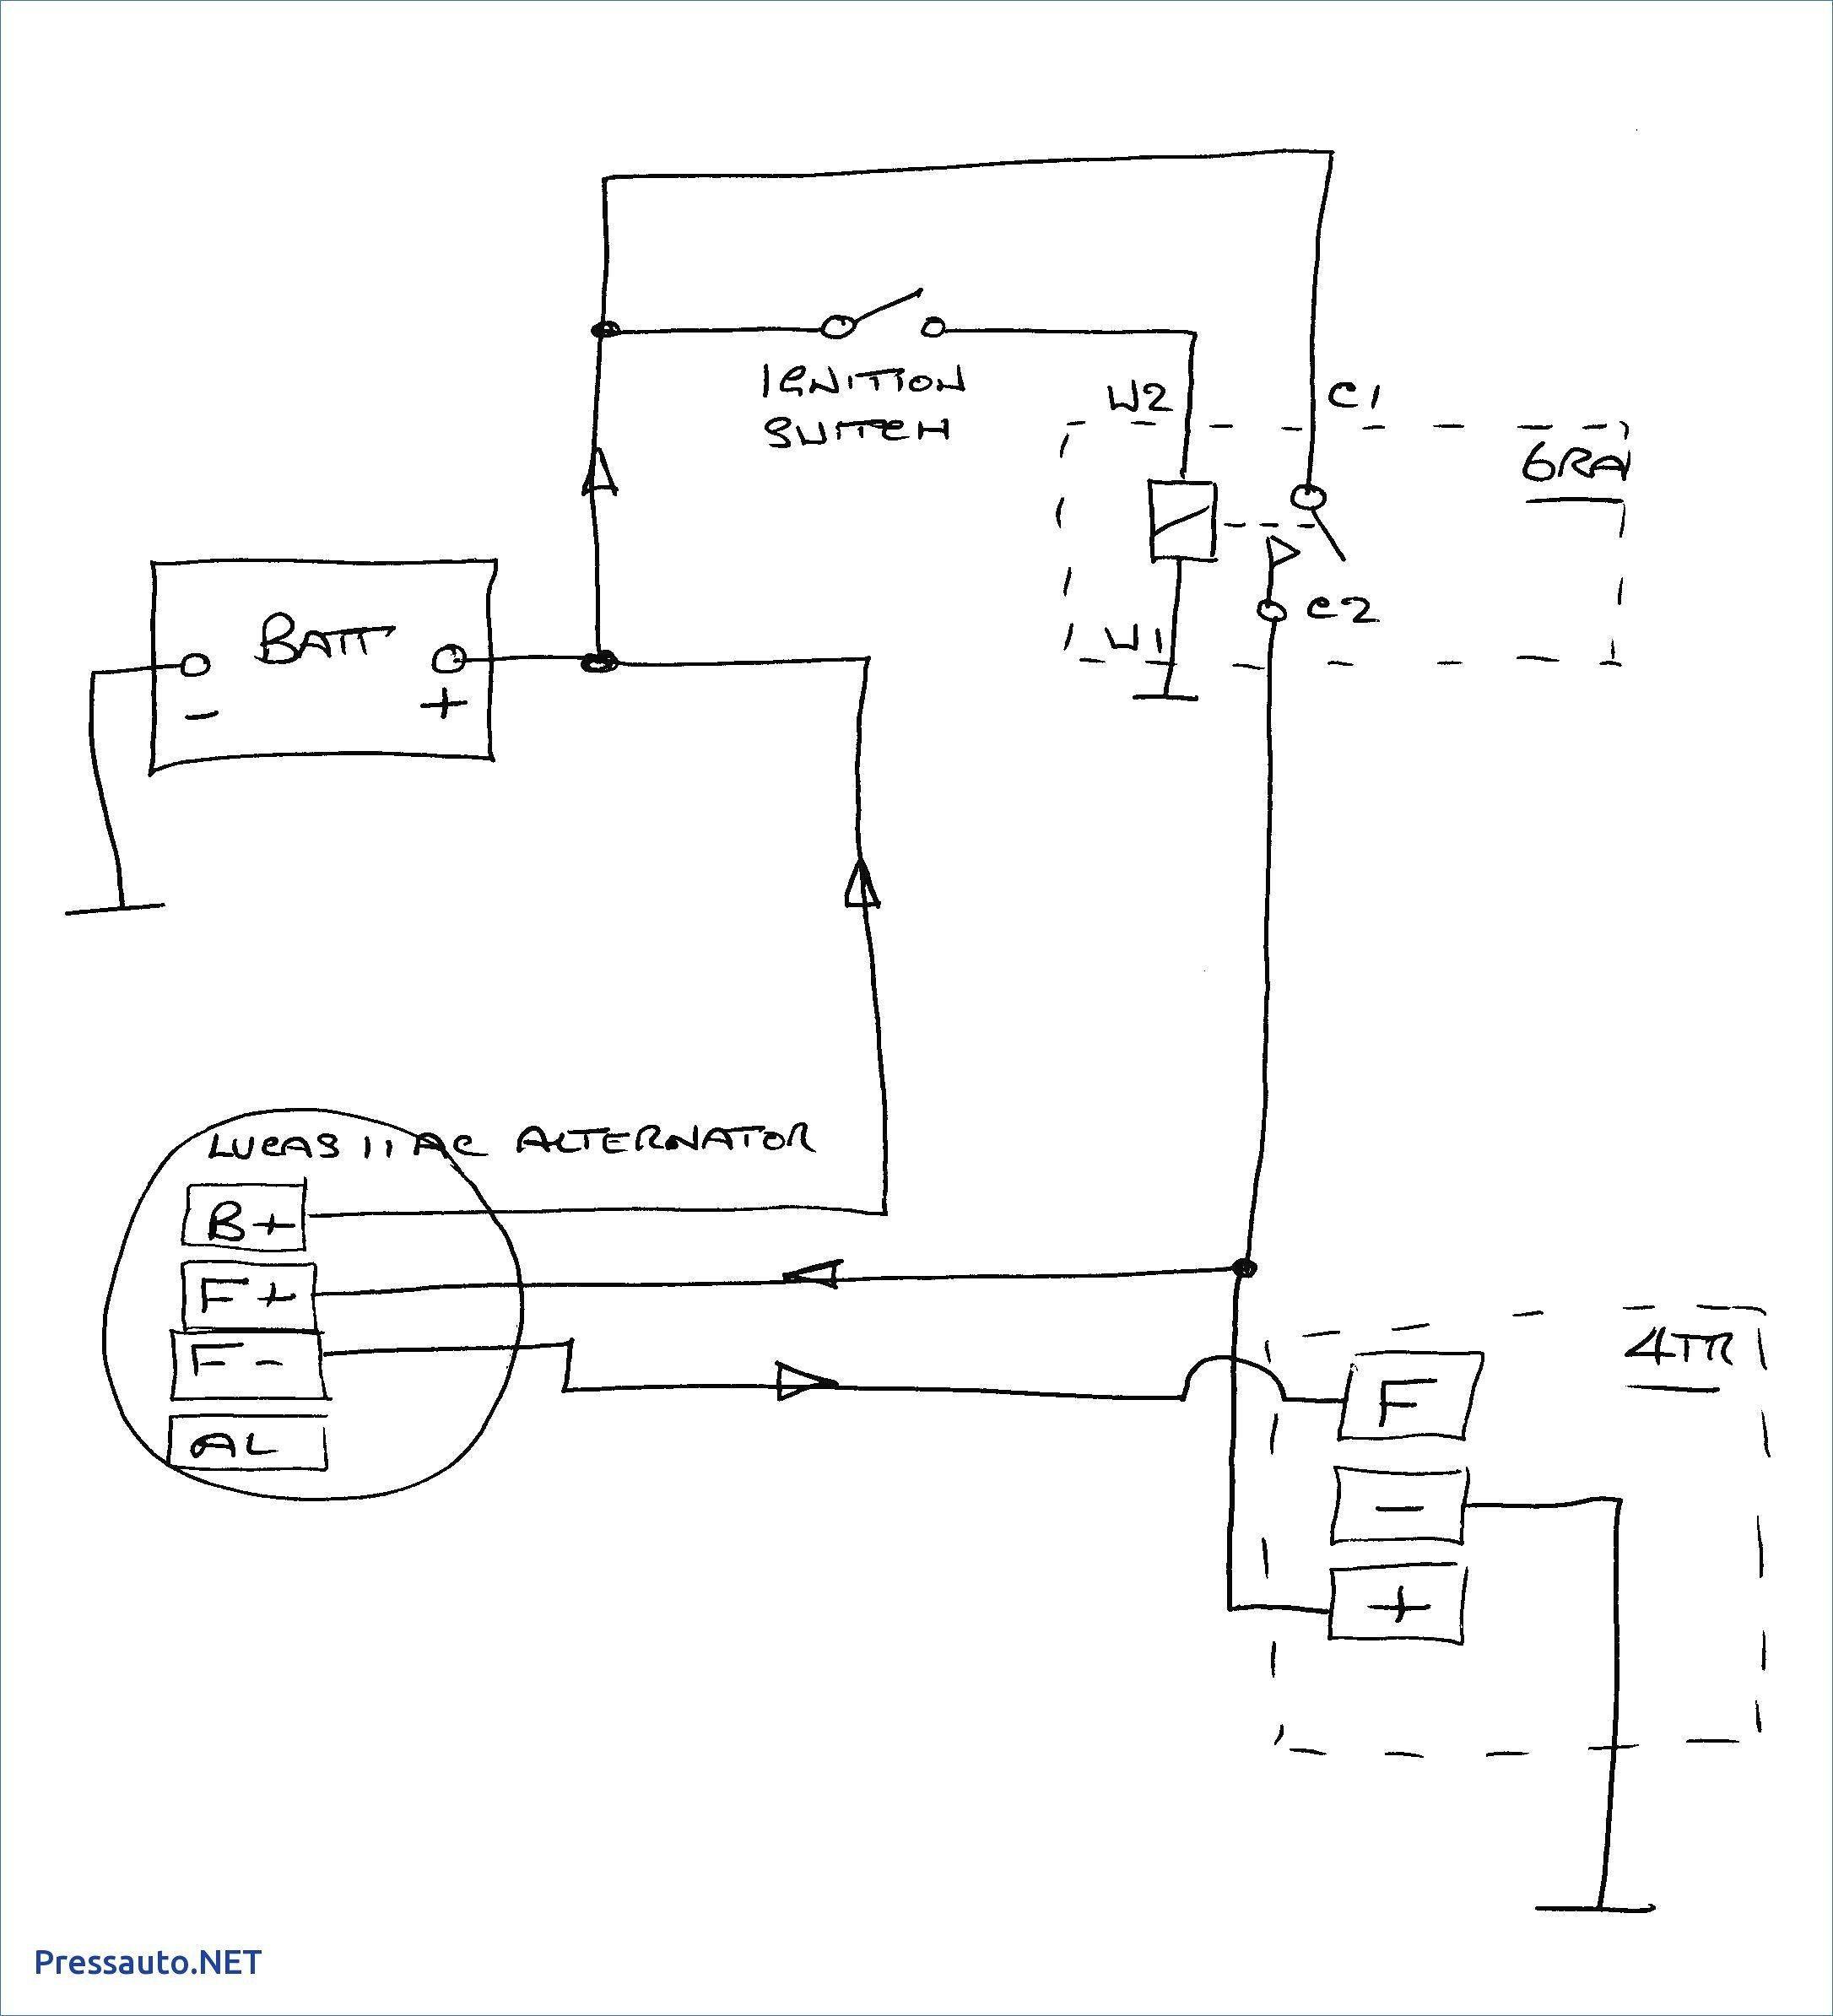 Beautiful Sbc Alternator Wiring Diagram Diagrams Digramssample Diagramimages Wiringdiagramsample Wiringdiagram Alternator Electrical Diagram Diagram